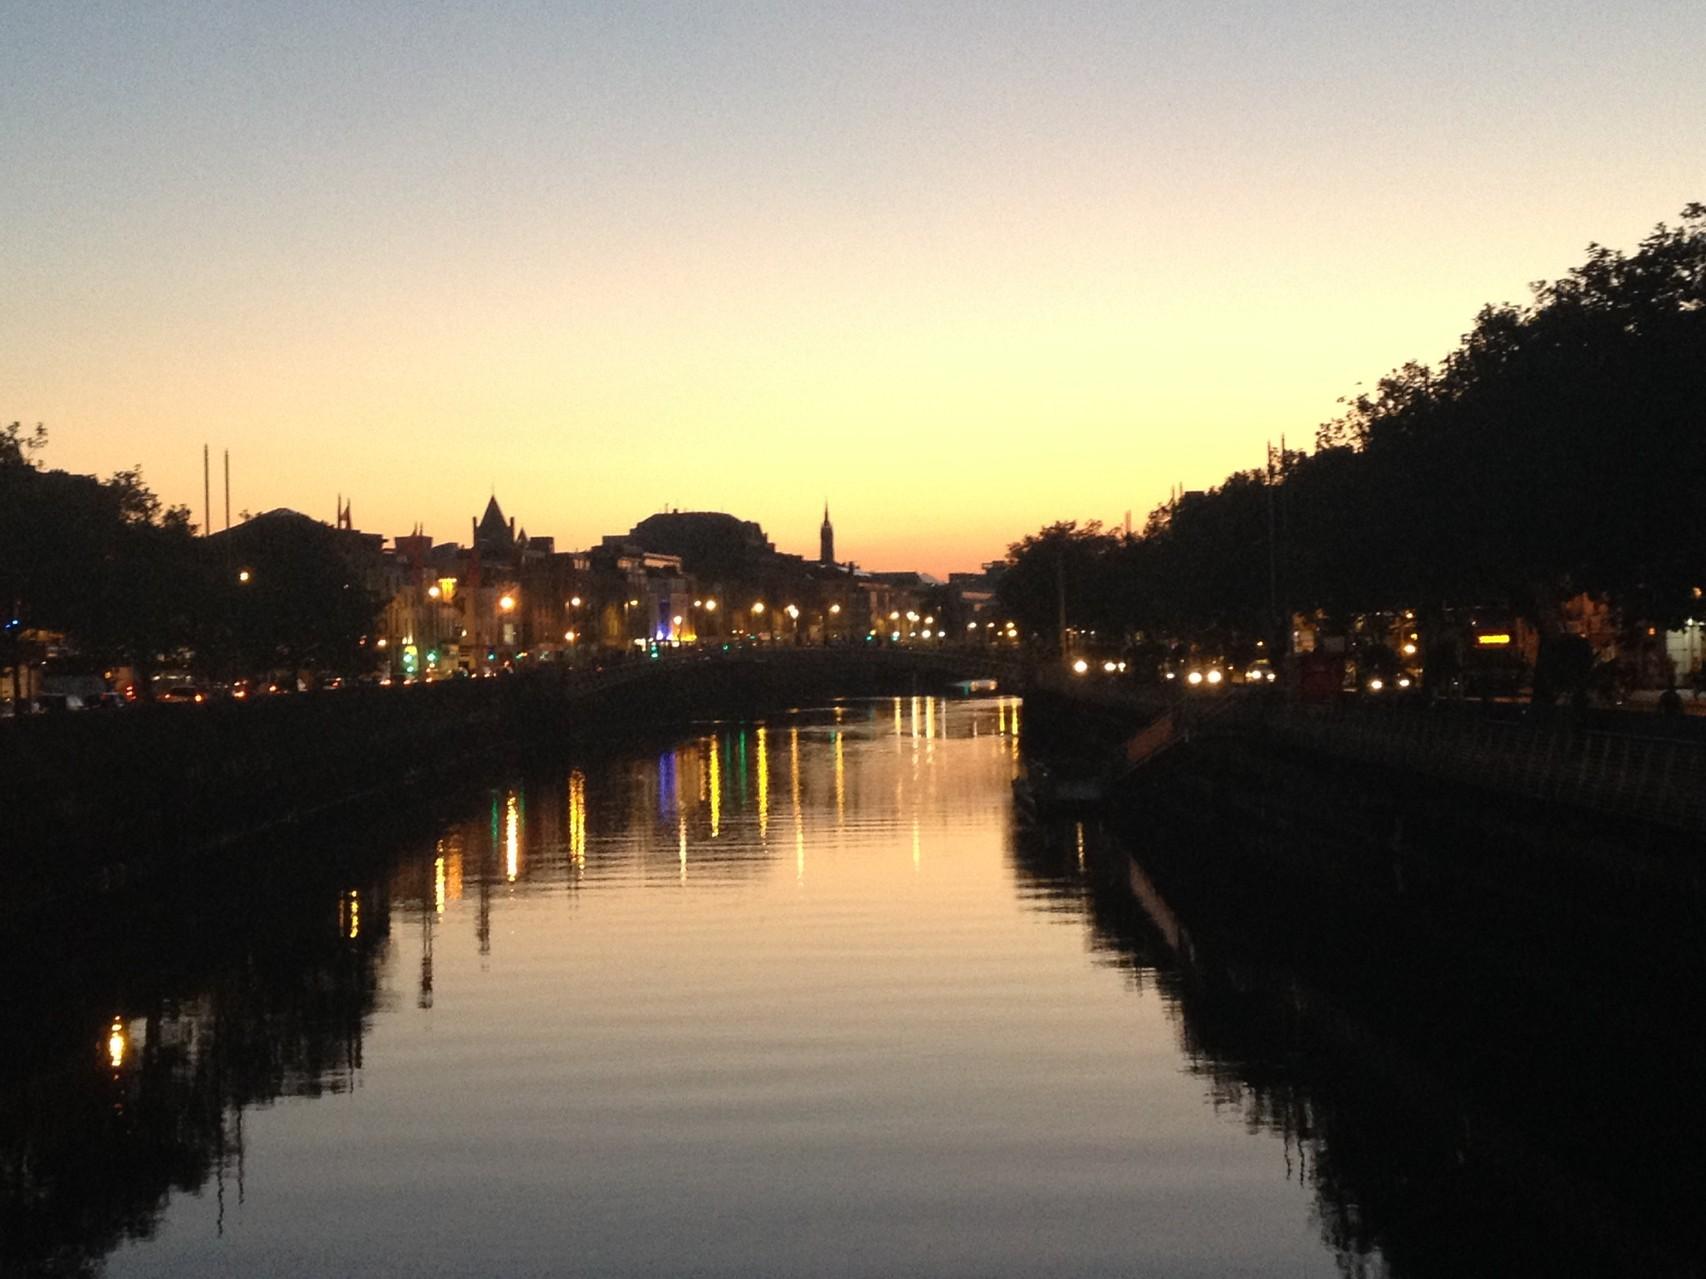 Dublin mit River Liffey am Abend - Blick auf Halfpenny-Bridge